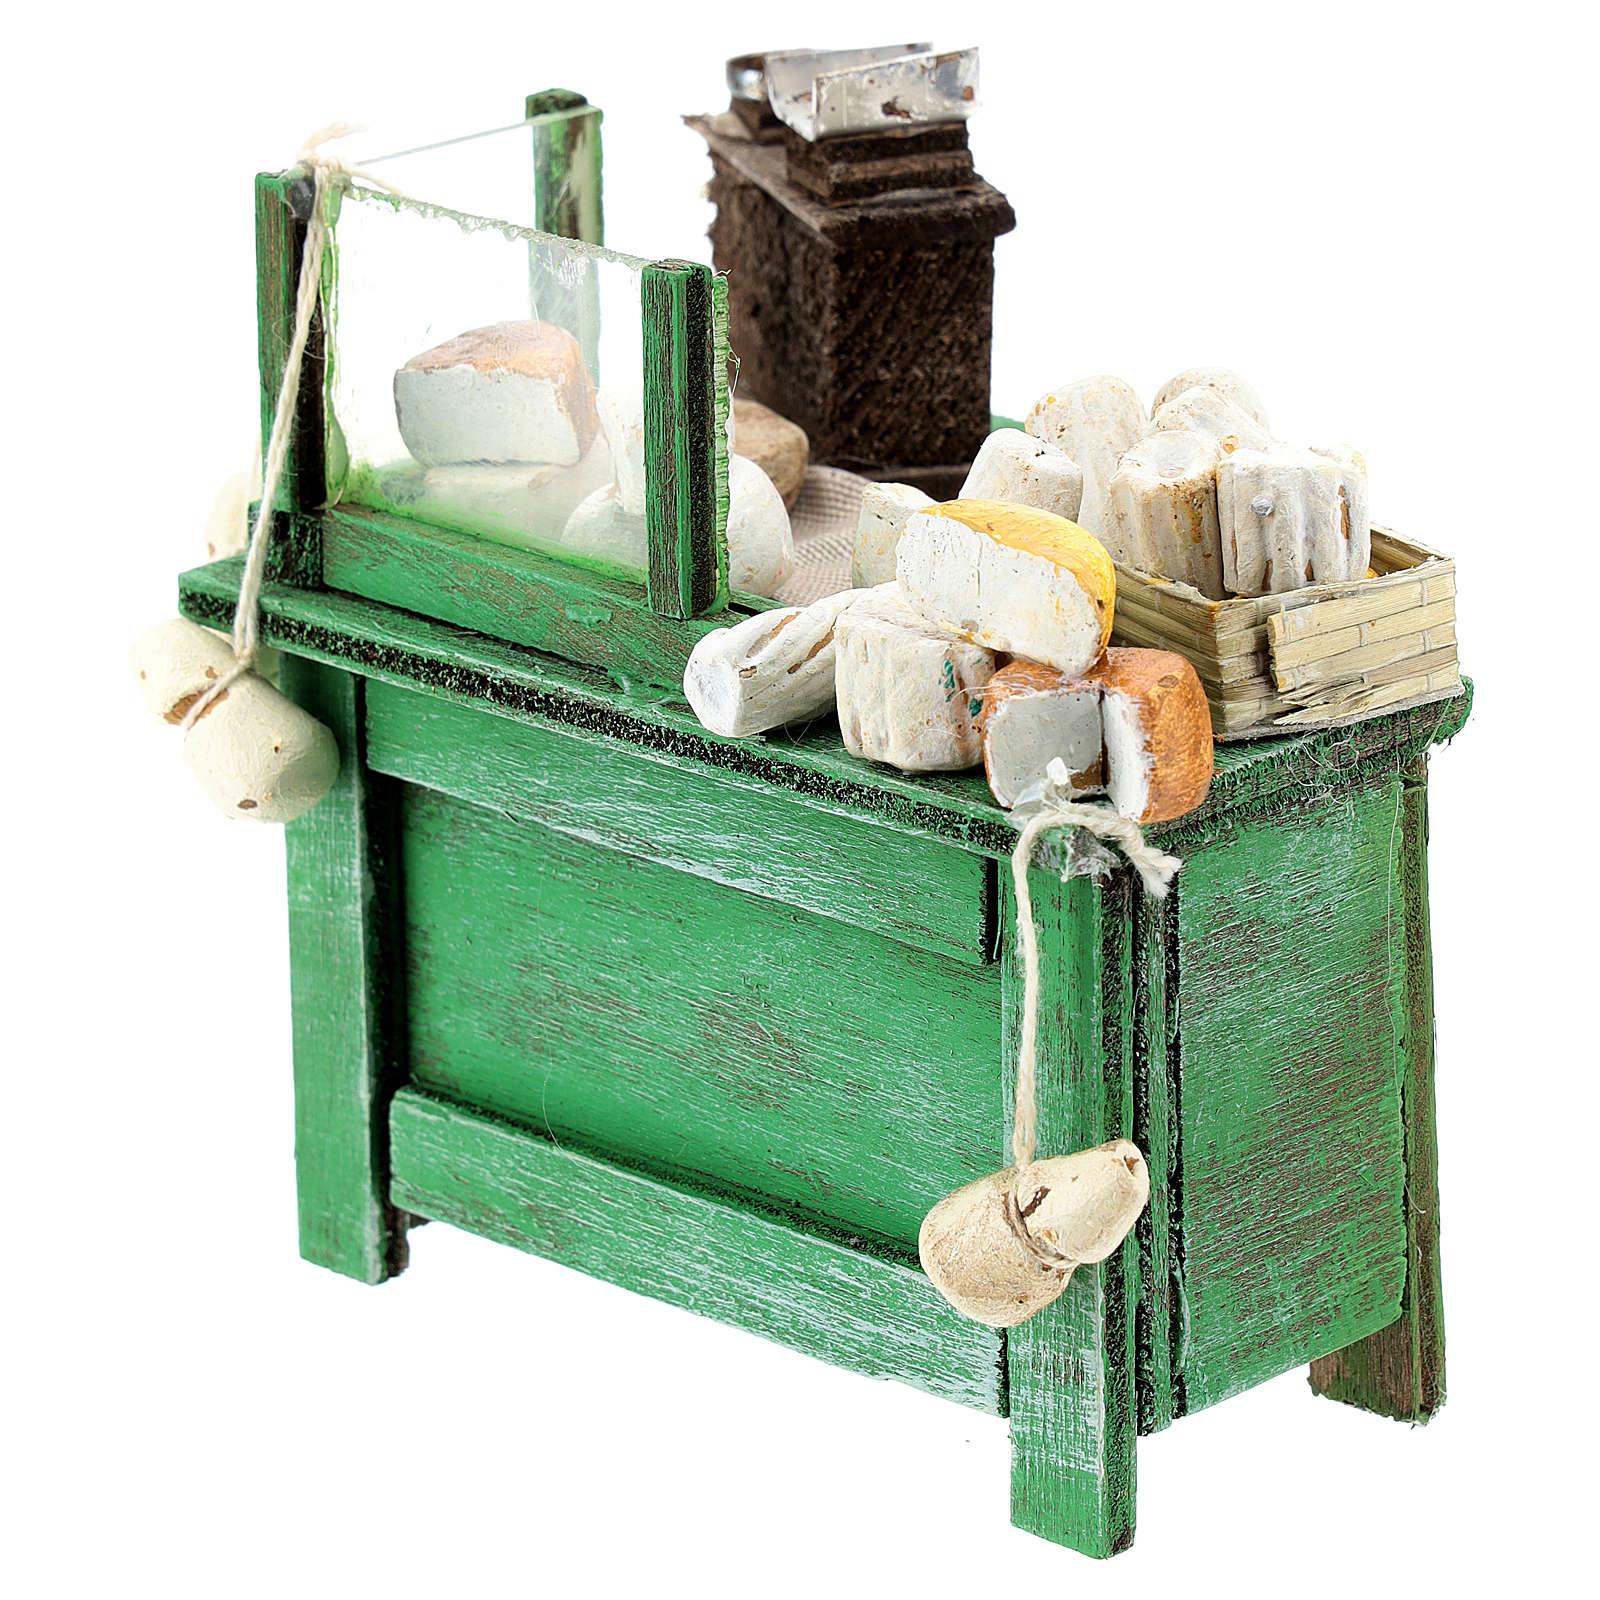 Banco venditore formaggi per presepe napoletano di 6-8 cm 4